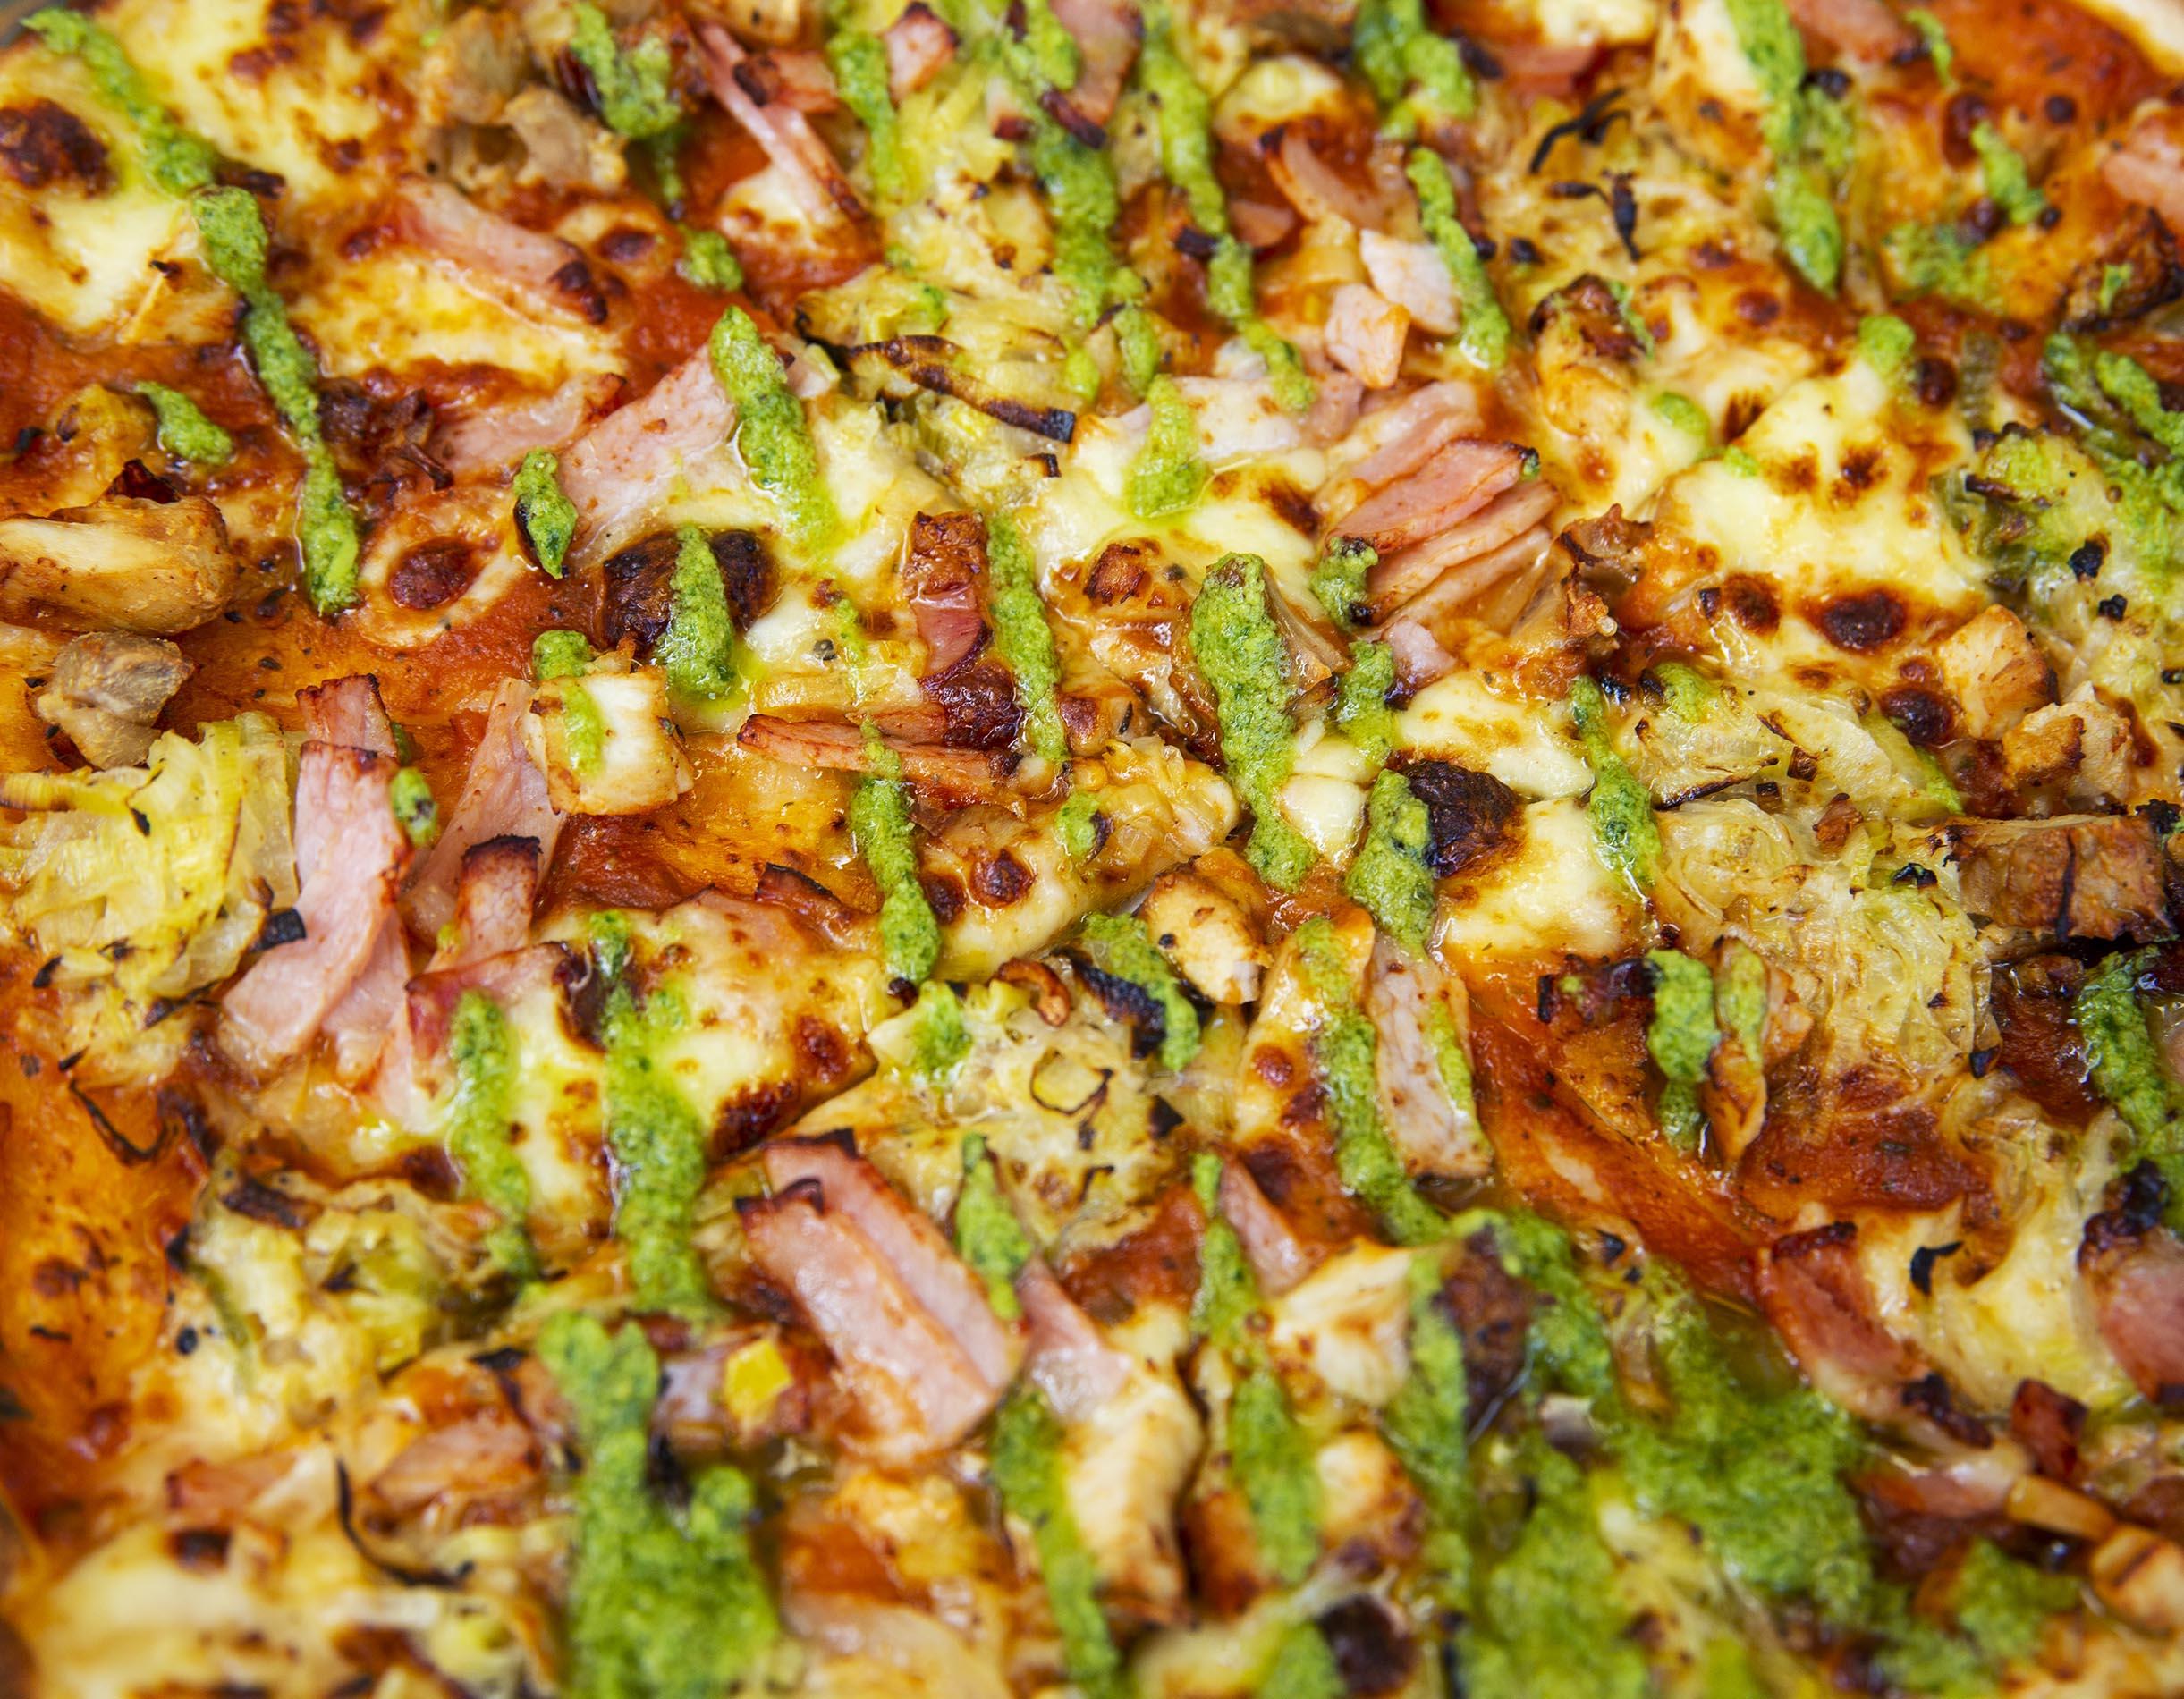 Winter Menu 2021 - Chicken Pizza